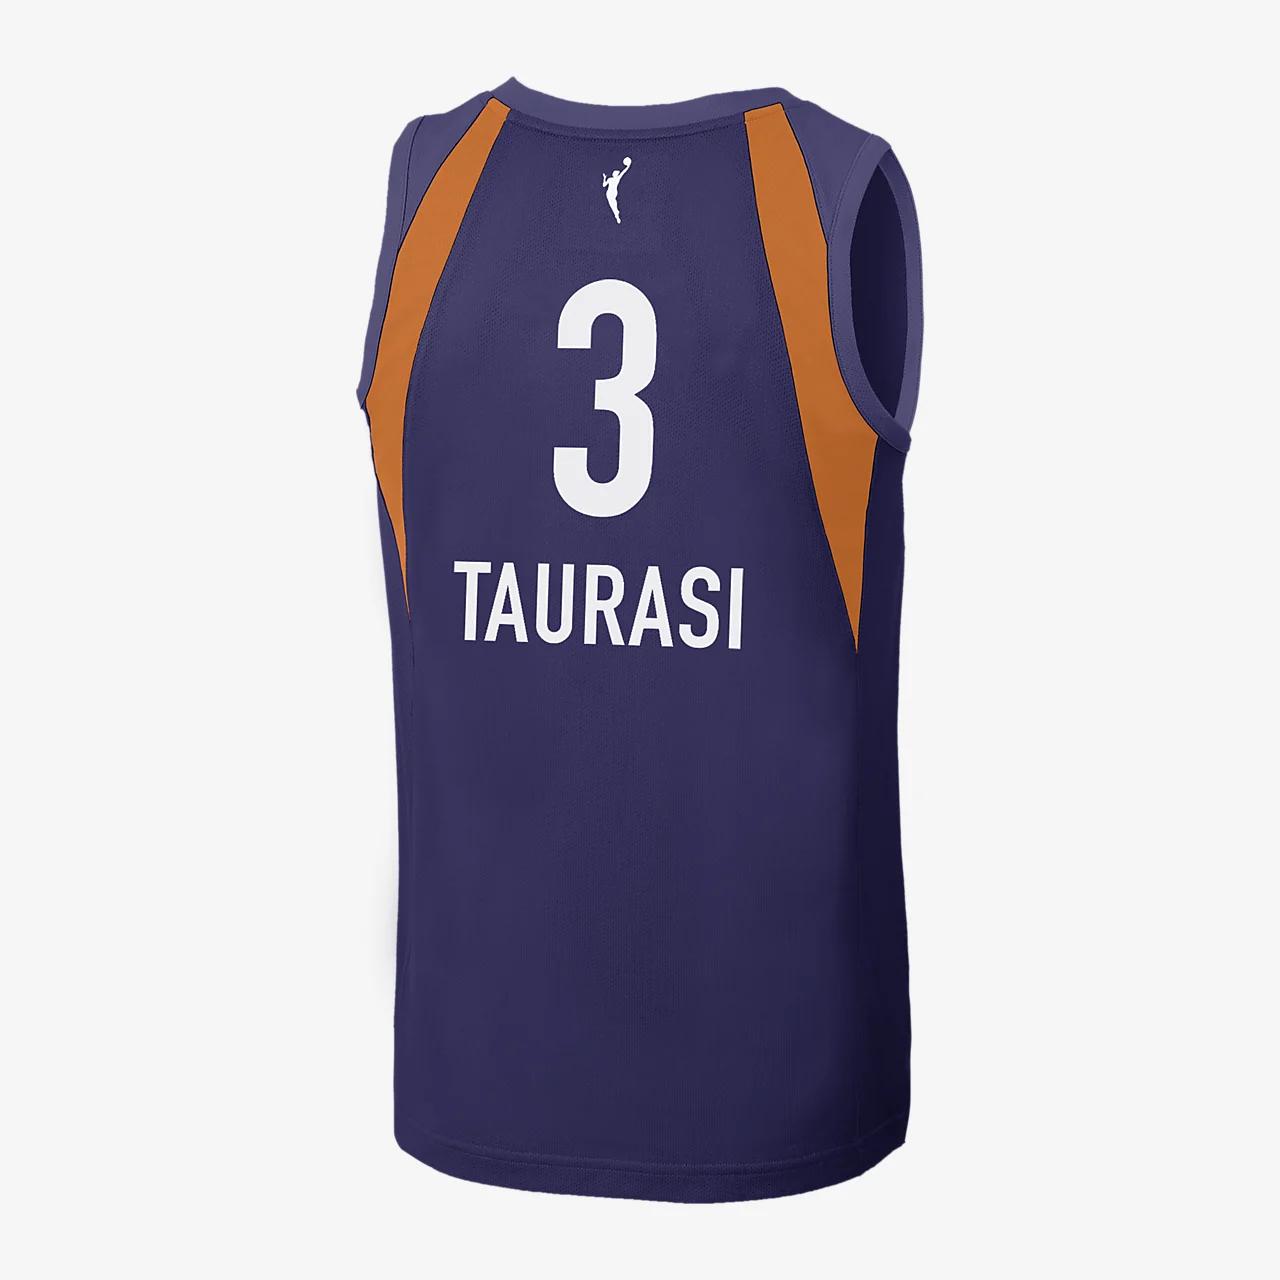 다이애나 타우라시 피닉스 머큐리 나이키 WNBA 농구 저지 BBP32882-010